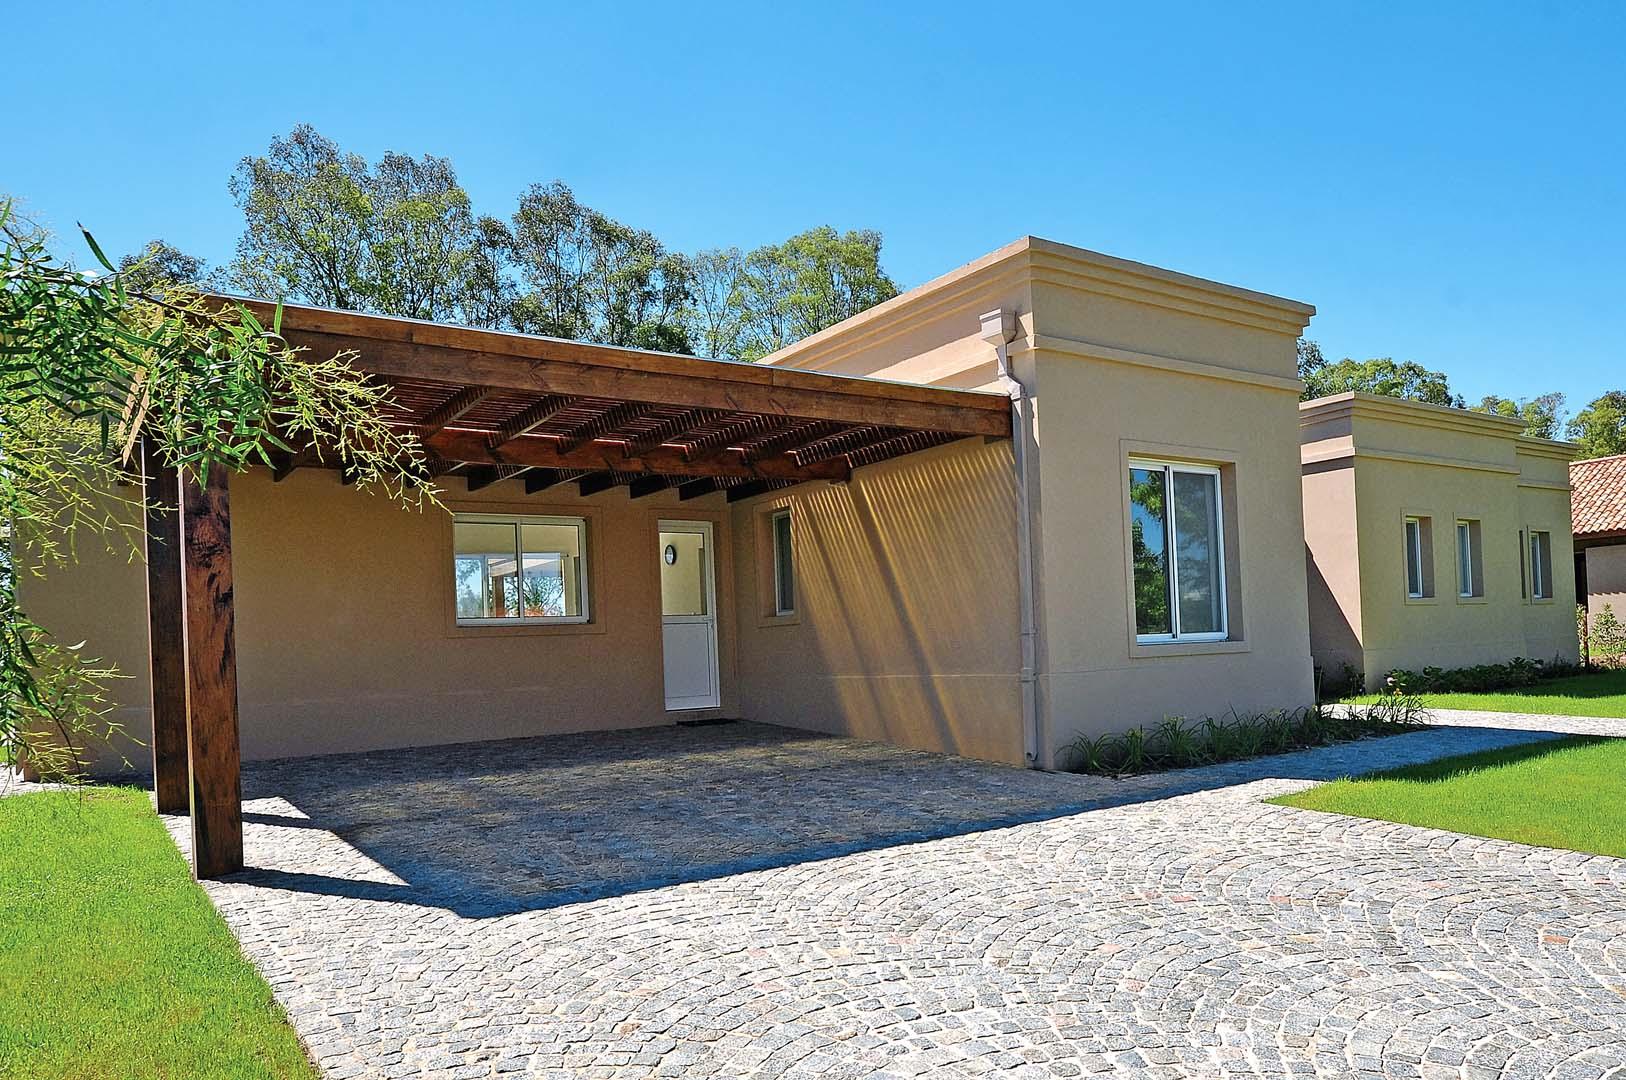 Fernando mart nez nespral casa estilo campo argentino for Portal de arquitectos casa de campo